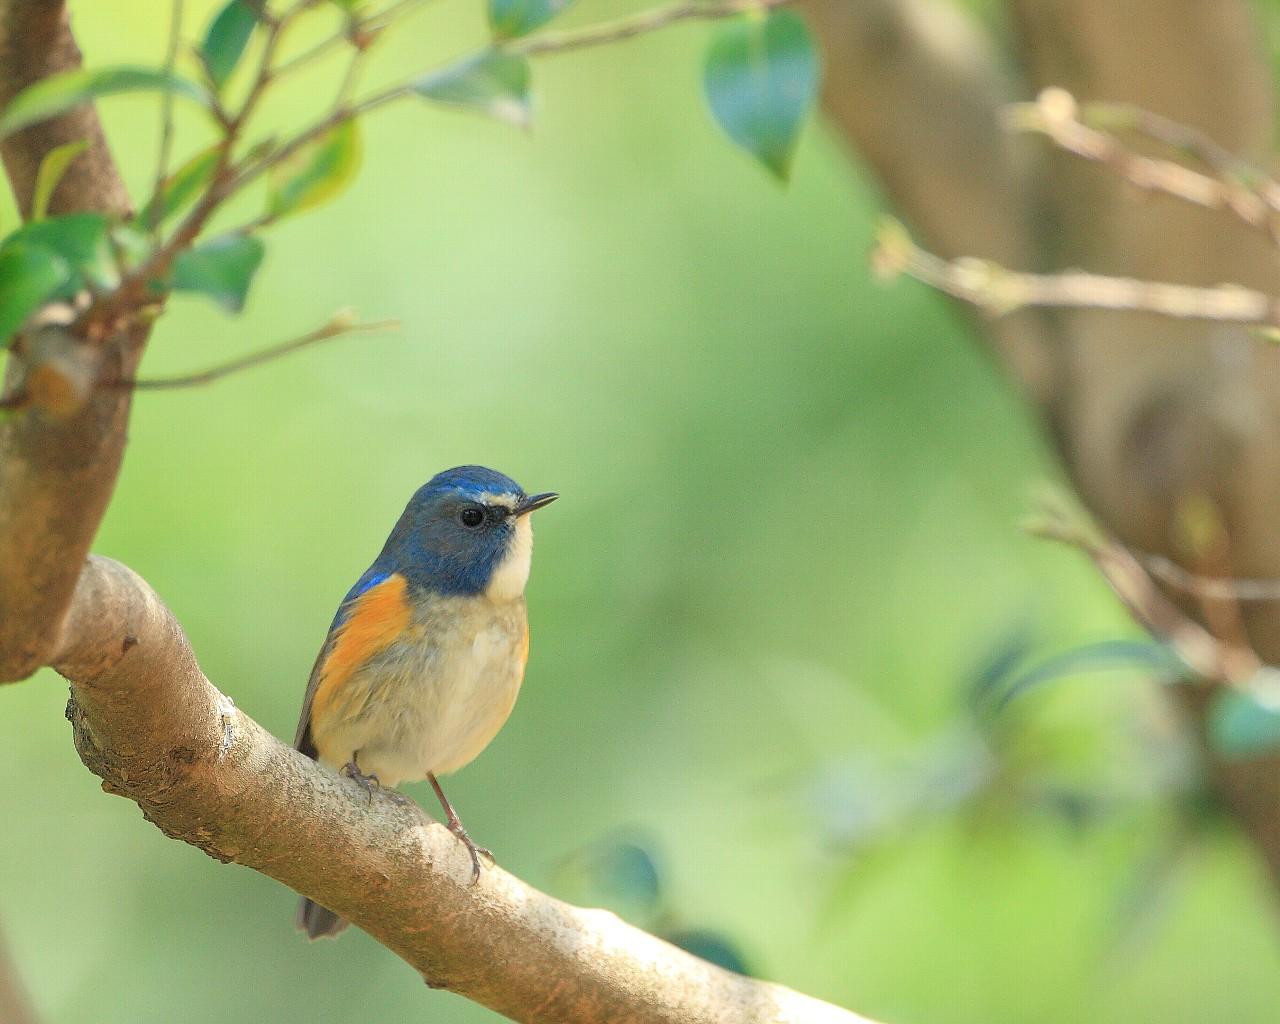 幸福の青い鳥 早期の復興と更なる飛躍への思いを込めて_f0105570_222411.jpg